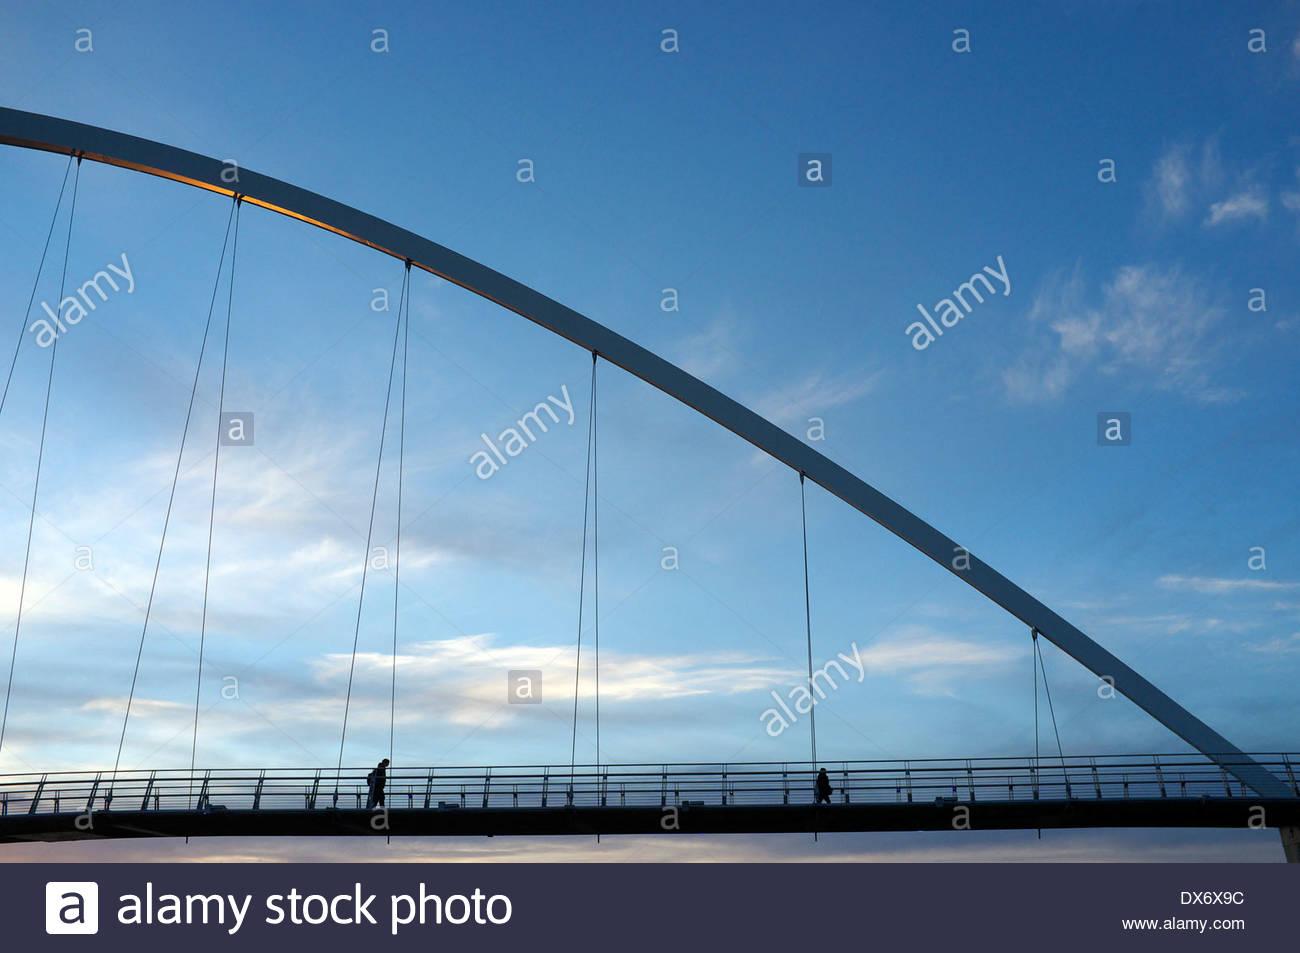 La Infinity Bridge (con un accenno di sole di sera su di esso) in Stockton-on-Tees, a nord-est dell' Inghilterra, Regno Unito. Foto Stock